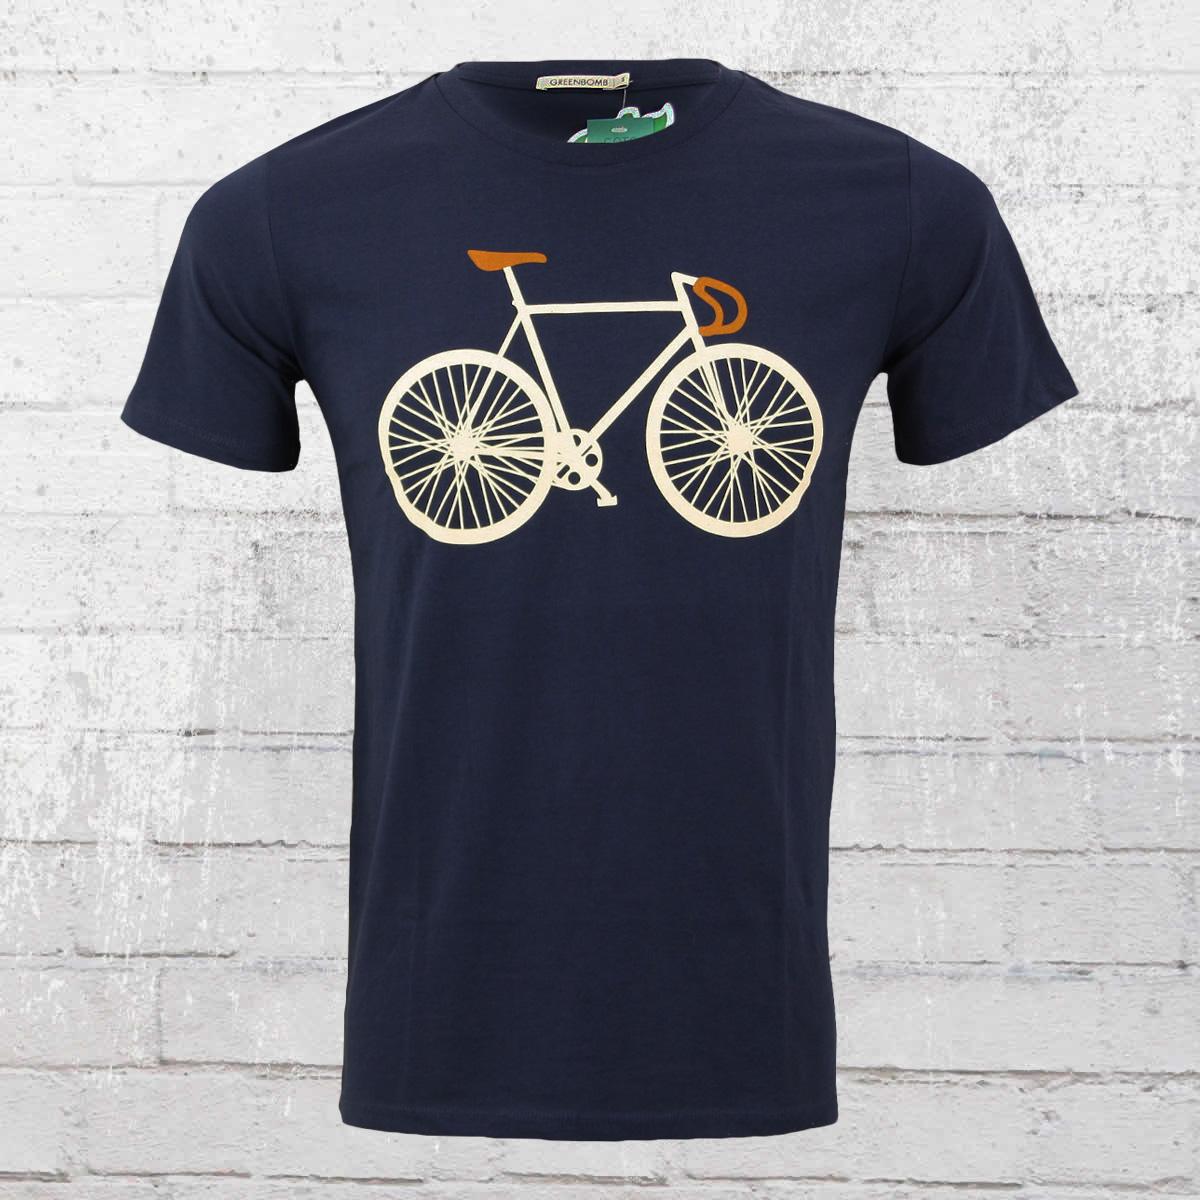 biker evolution herren t shirt in schwarz by jayess gr. Black Bedroom Furniture Sets. Home Design Ideas